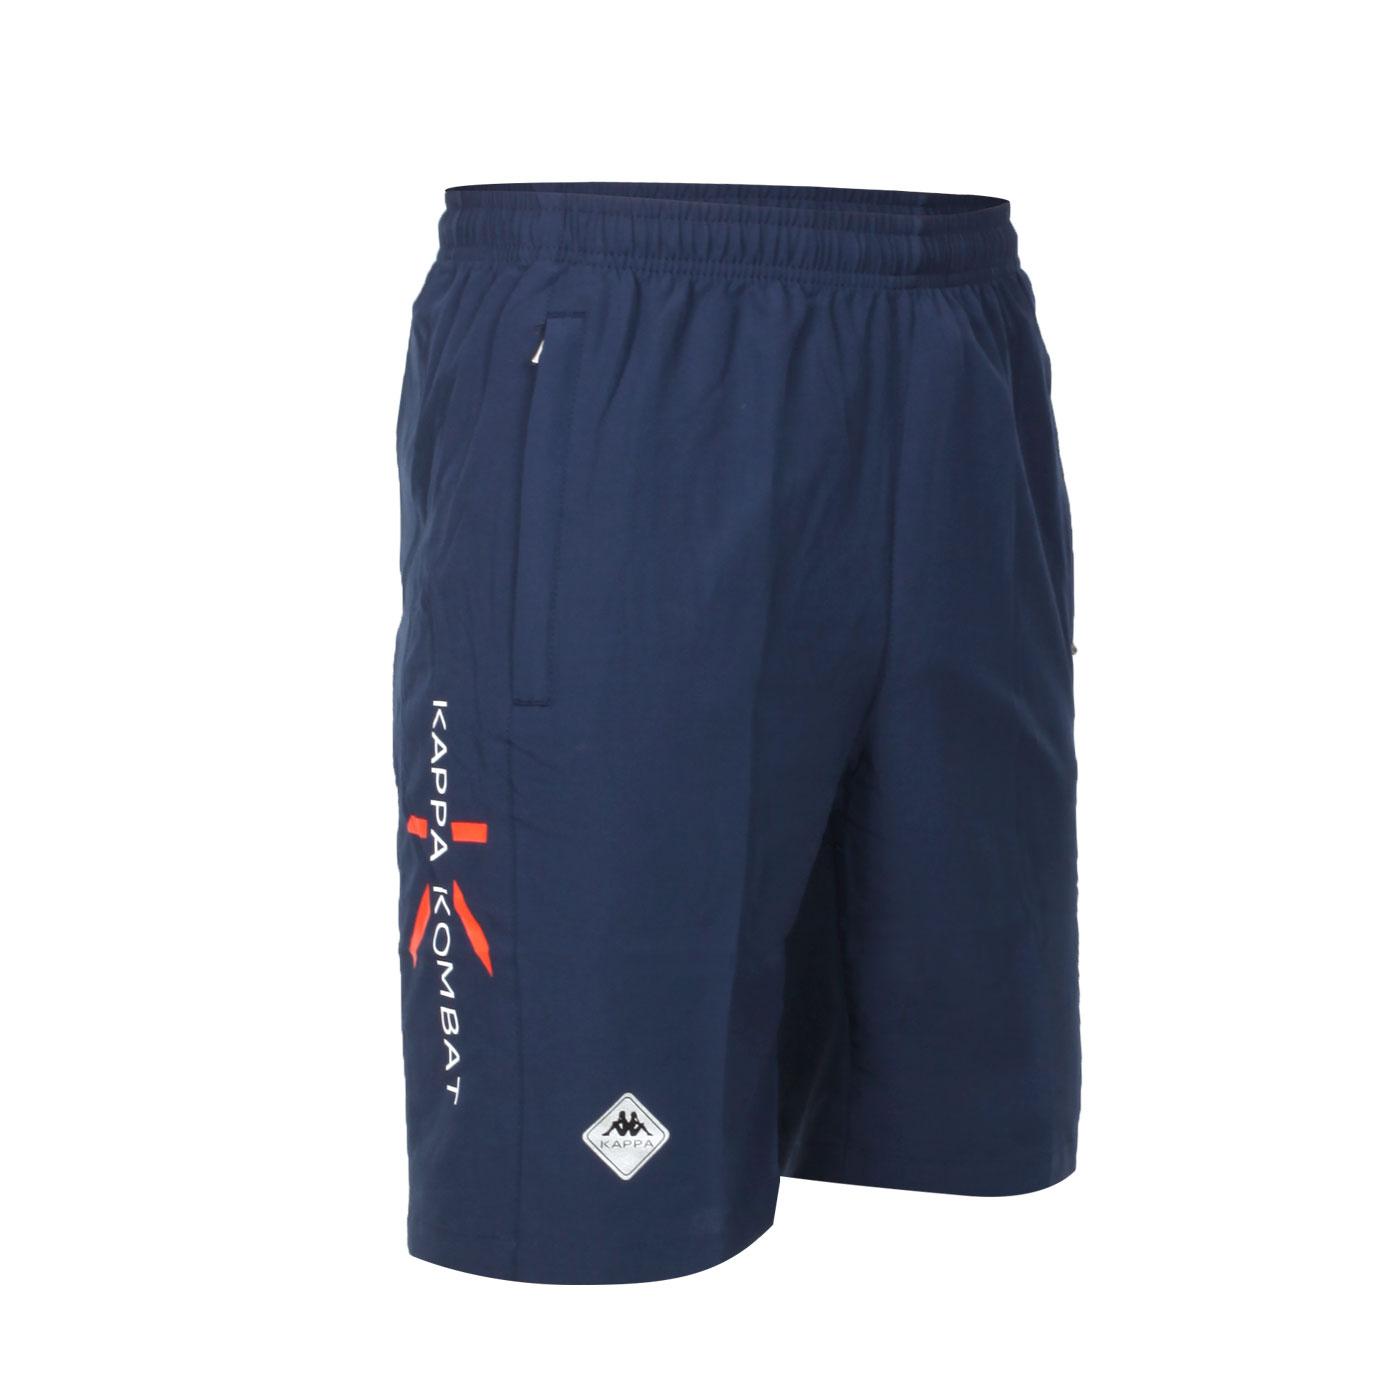 KAPPA 男款K4T單層半短褲 32166UW-B29 - 丈青白橘